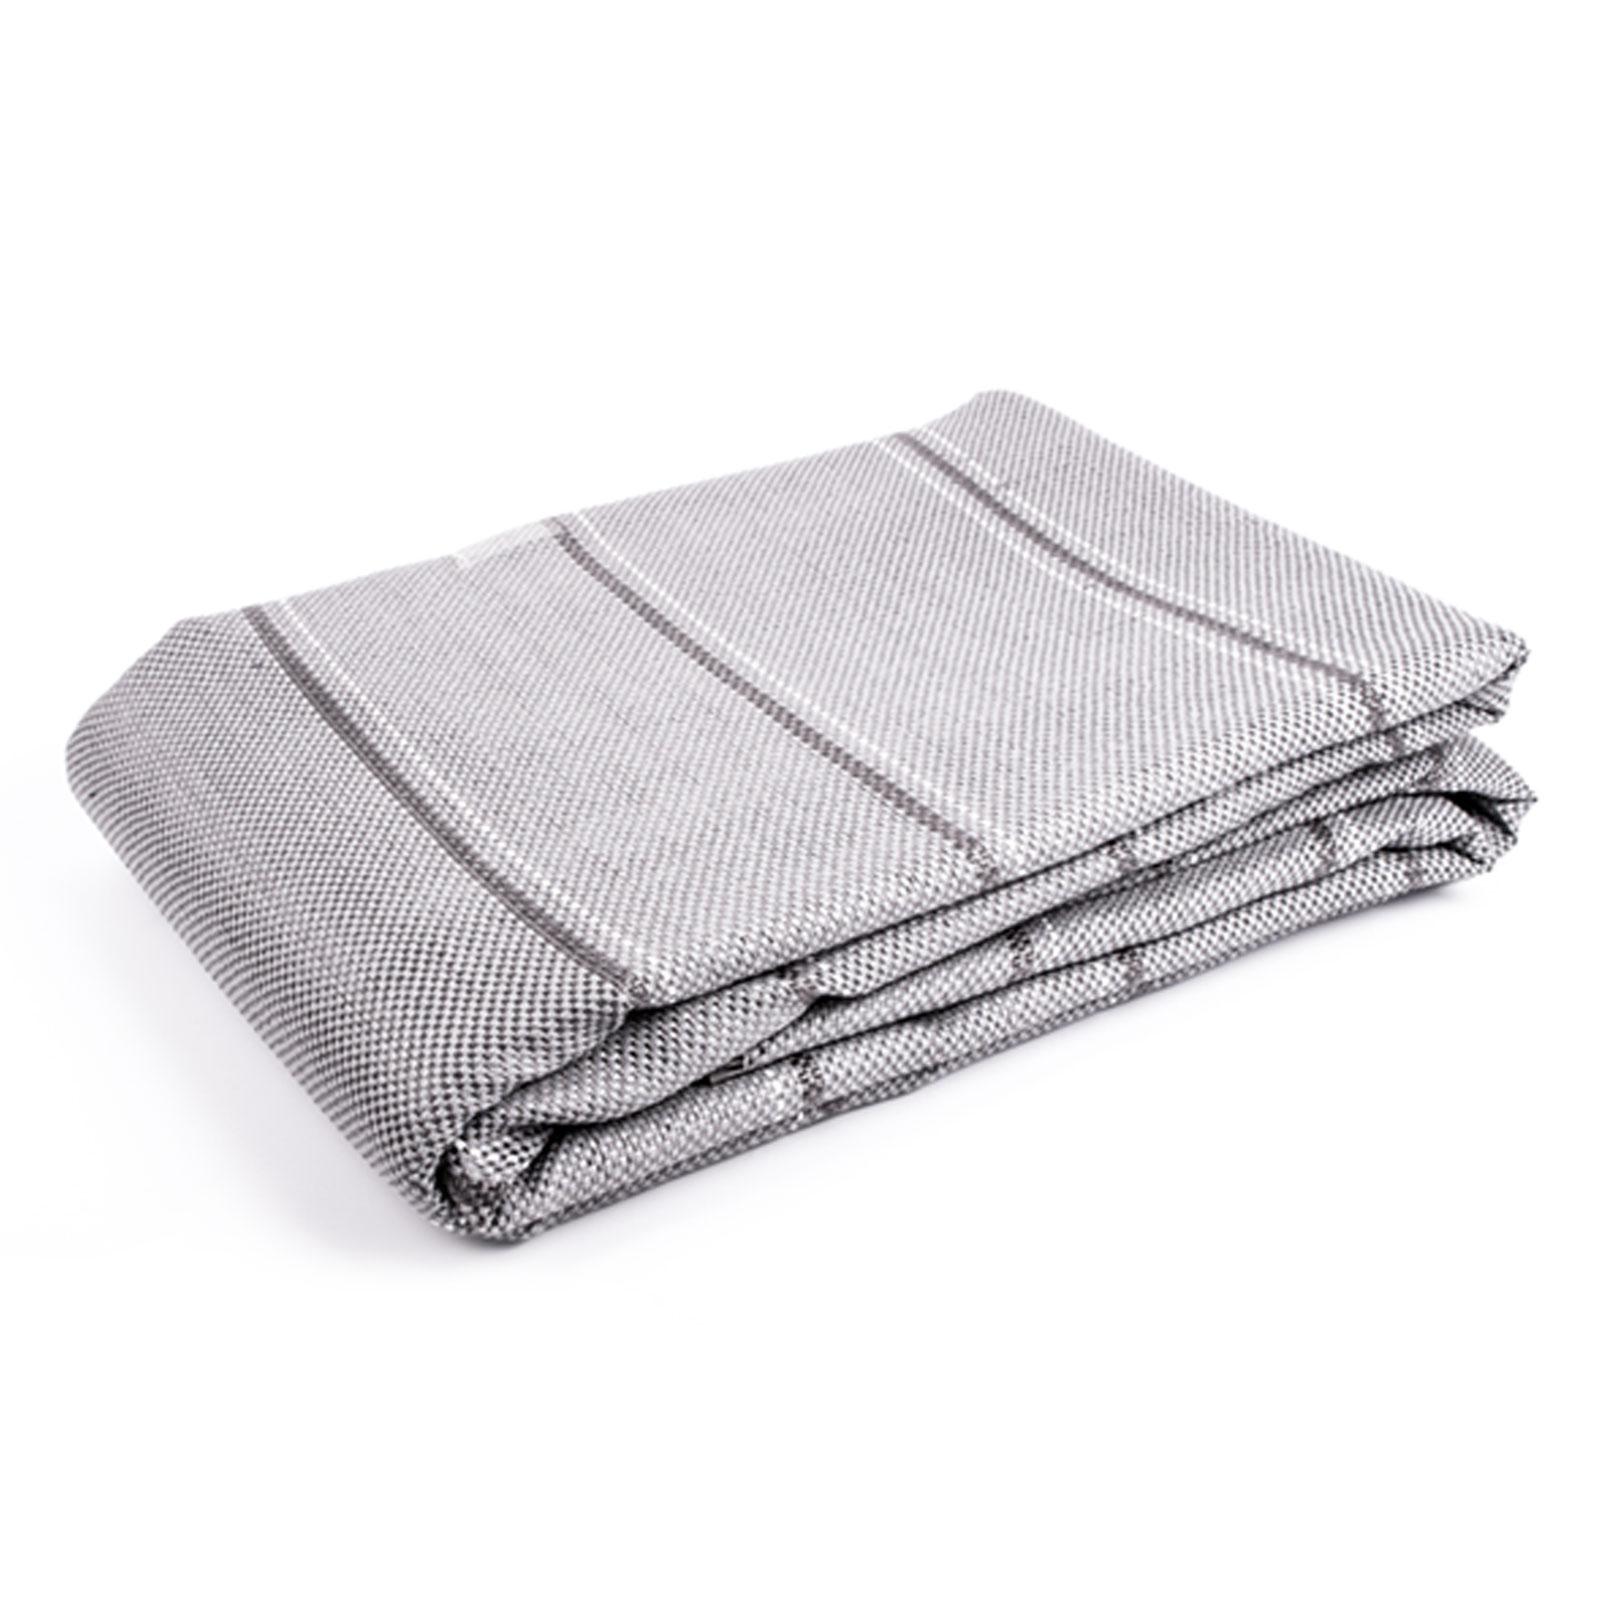 arisol vorzeltteppich 250x500 grau campingteppich zeltteppich f r wohnwagen ebay. Black Bedroom Furniture Sets. Home Design Ideas